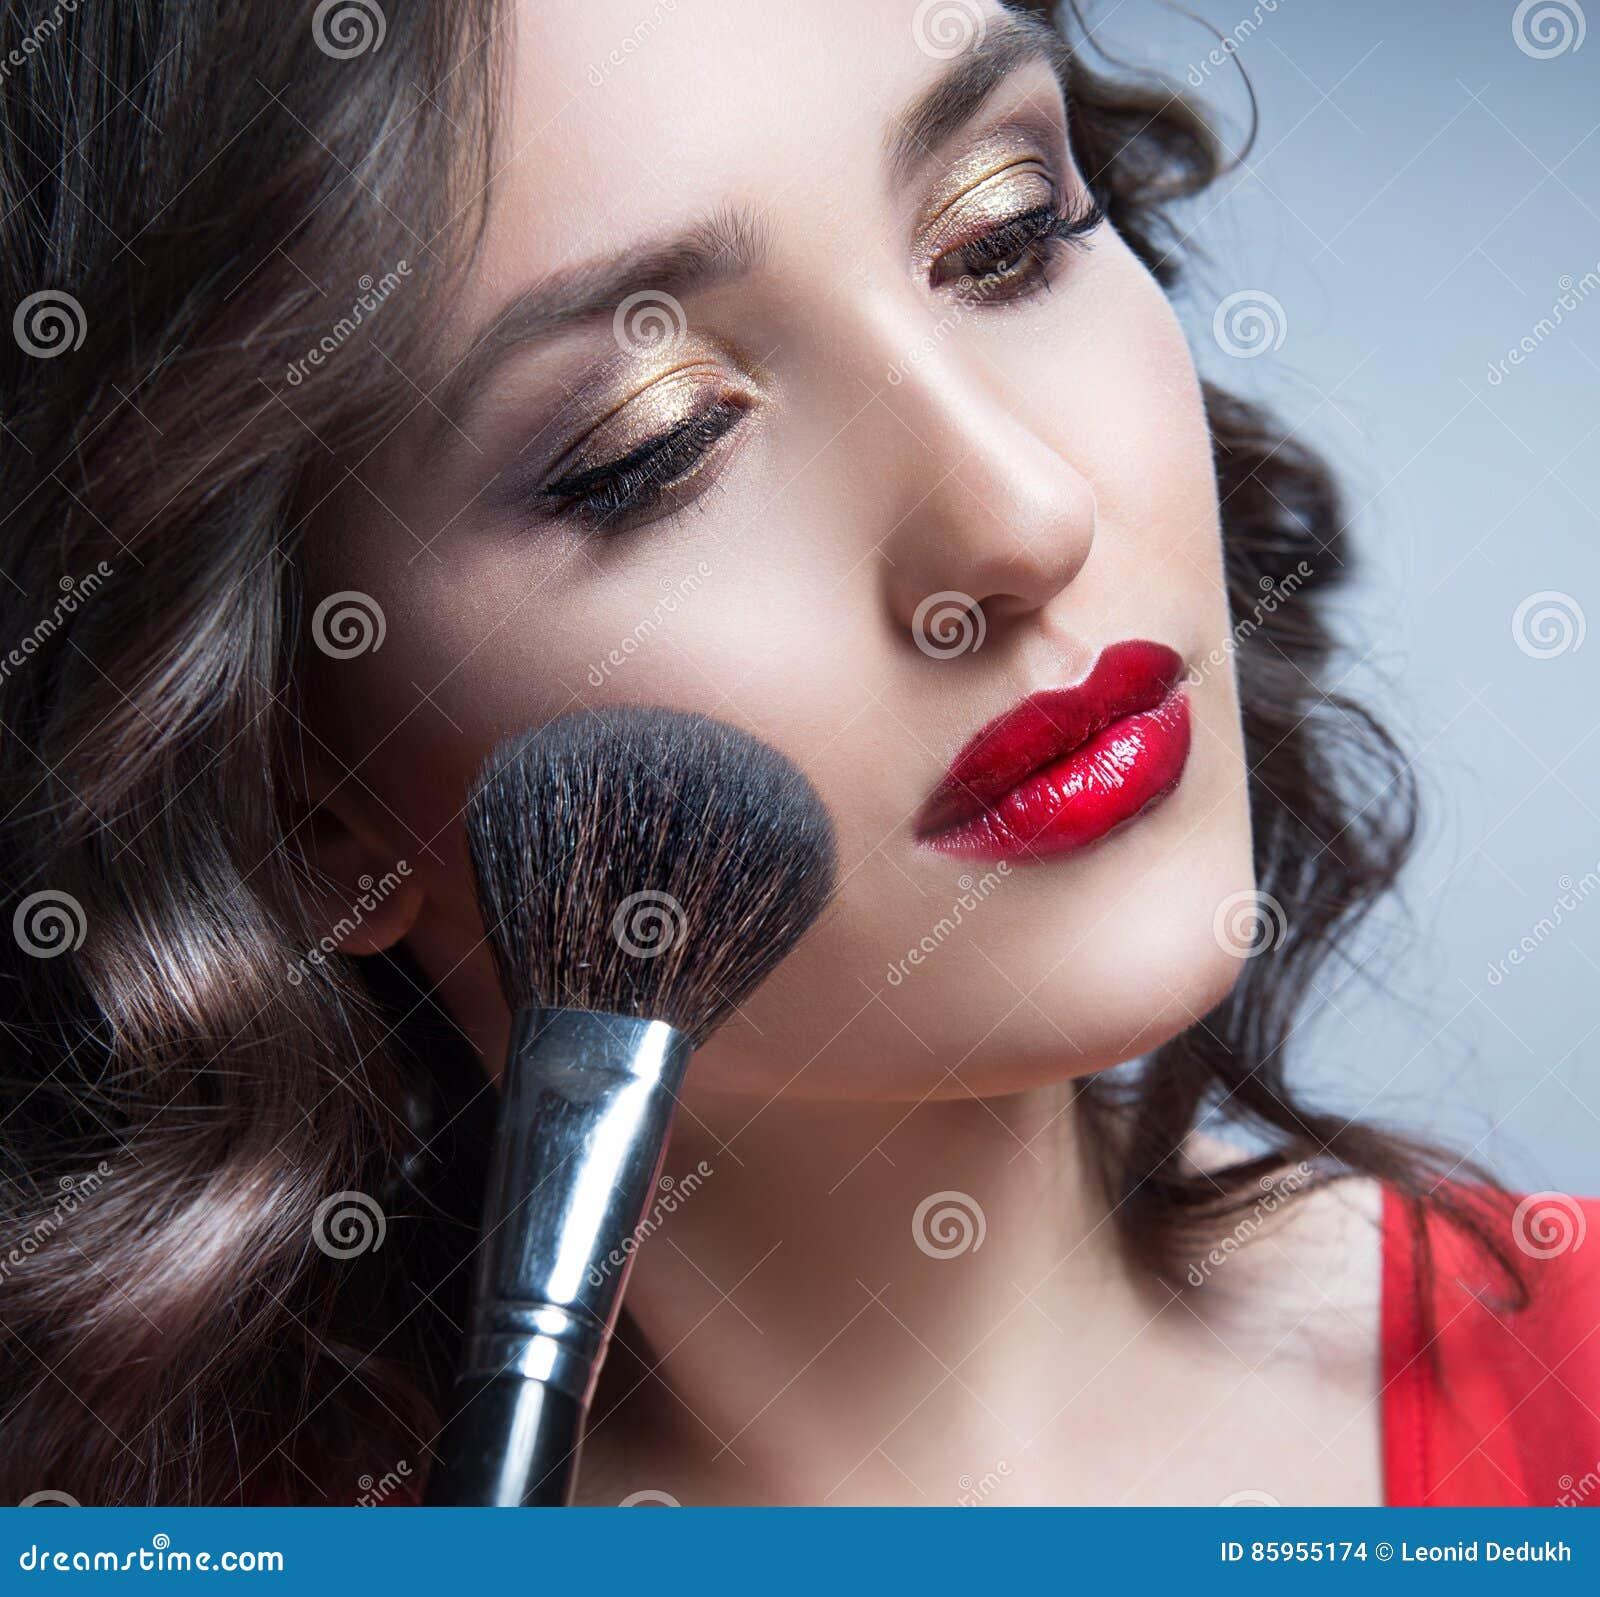 Woman beauty portrait face makeup